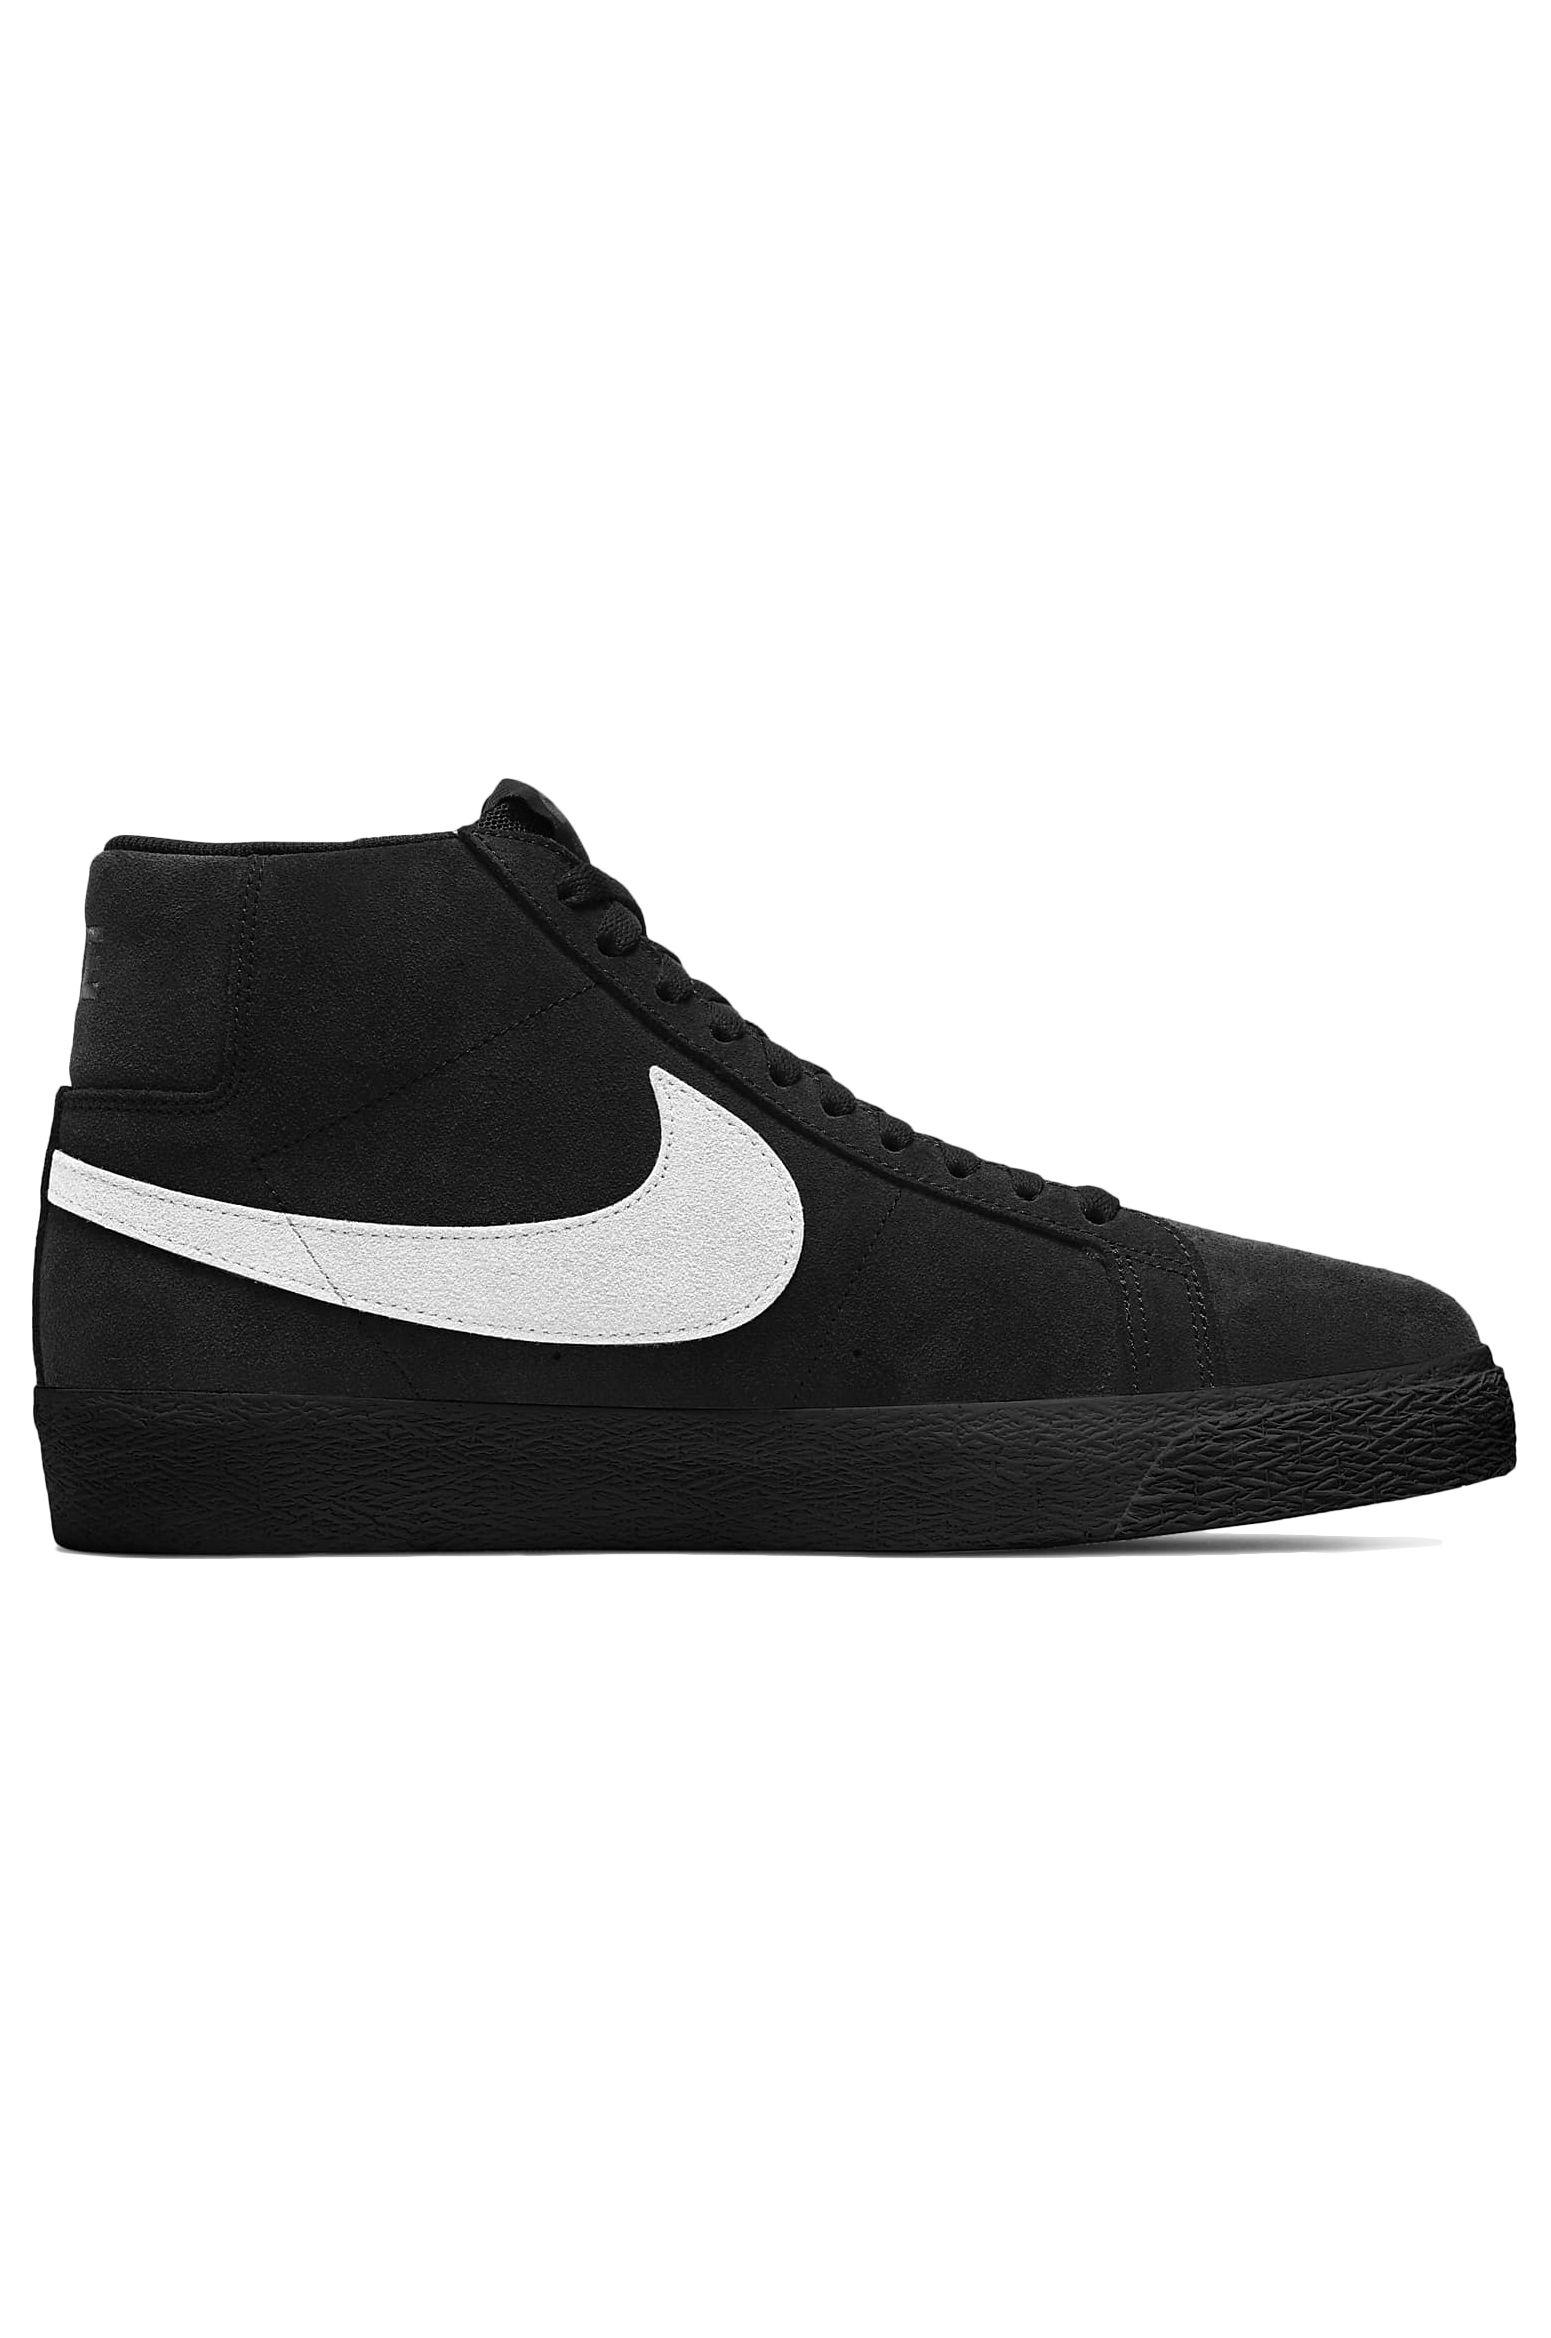 Nike Sb Shoes ZOOM BLAZER MID Black/White-Black-Black